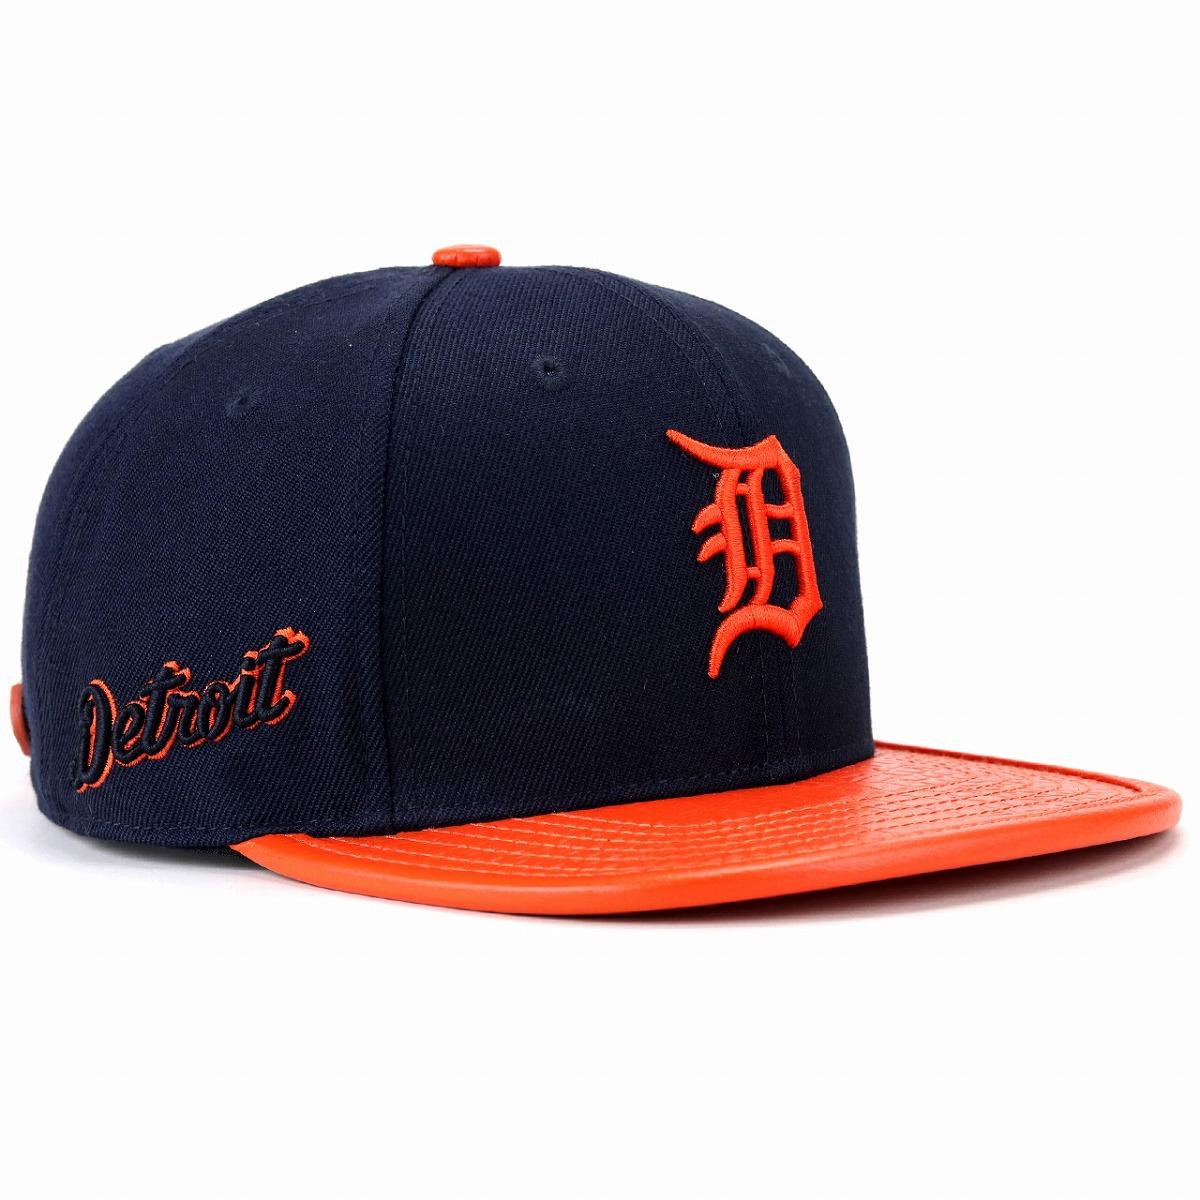 デトロイト タイガース ロゴ キャップ プロスタンダード MLB Detroit Tigers Logo メンズ レディース 帽子 Pro Standard 野球帽 紺 ネイビー[ baseball cap ]